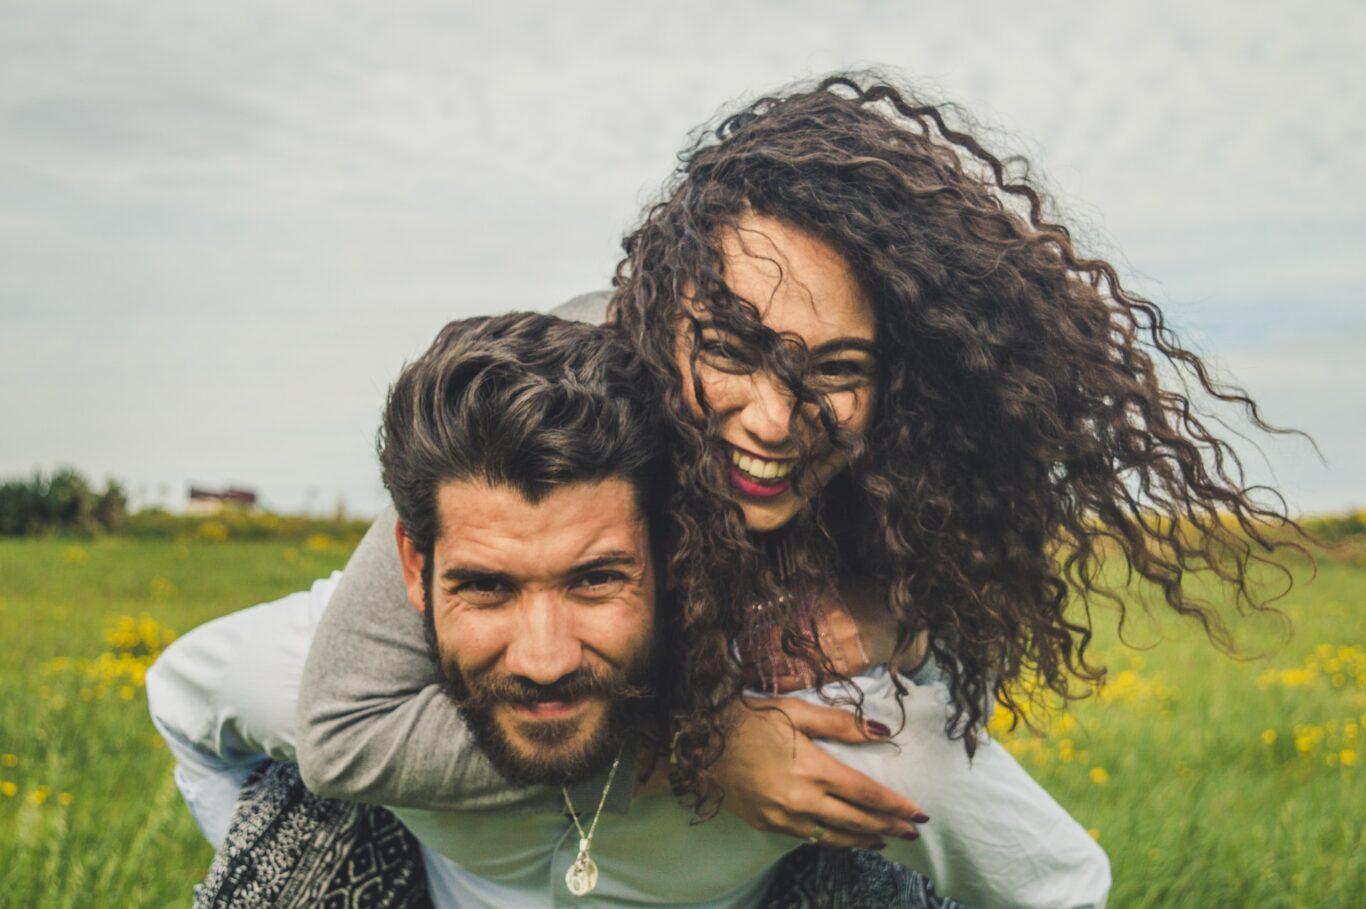 κρατήστε το γάμο σας υγιή